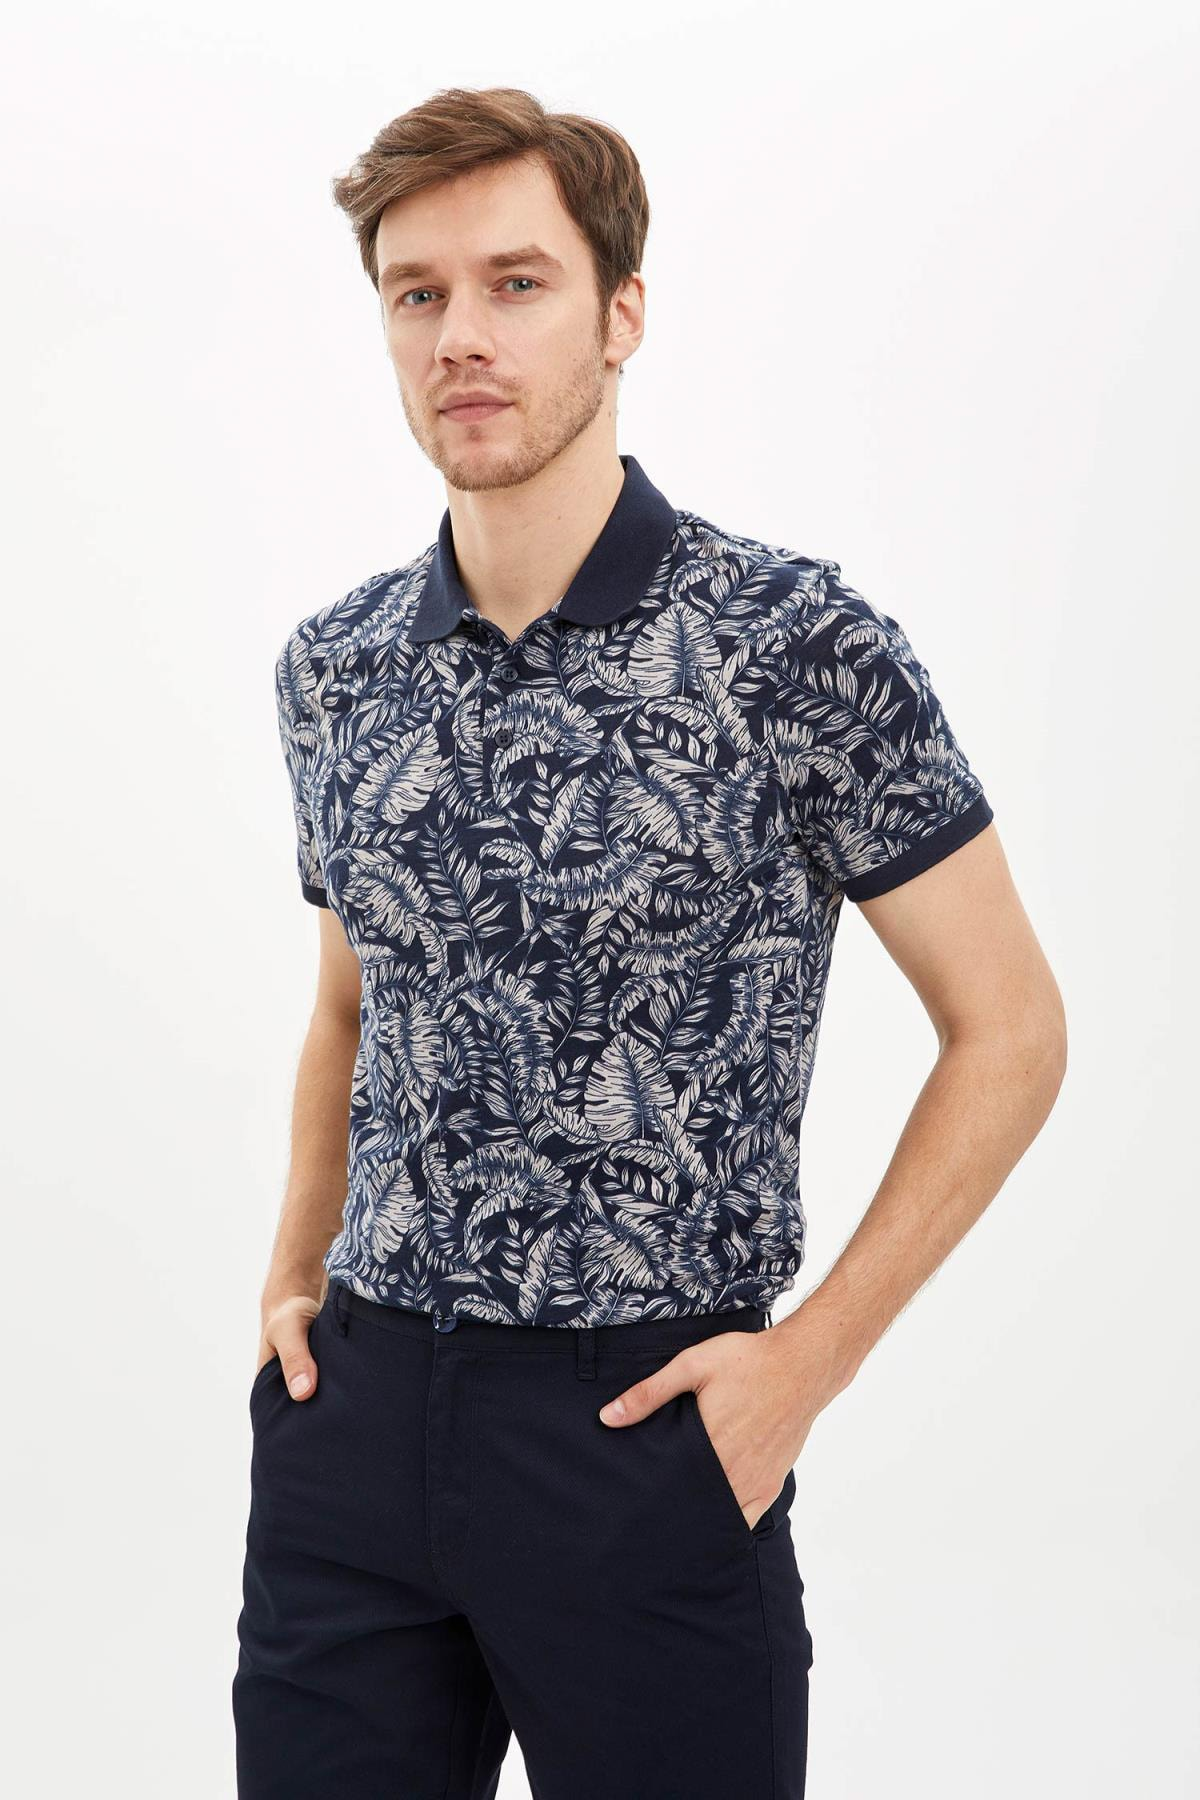 Erkek Çivit Mavisi Desenli Polo Yaka Slim Fit Pamuklu T-Shirt N6725AZ.20SM.IN75